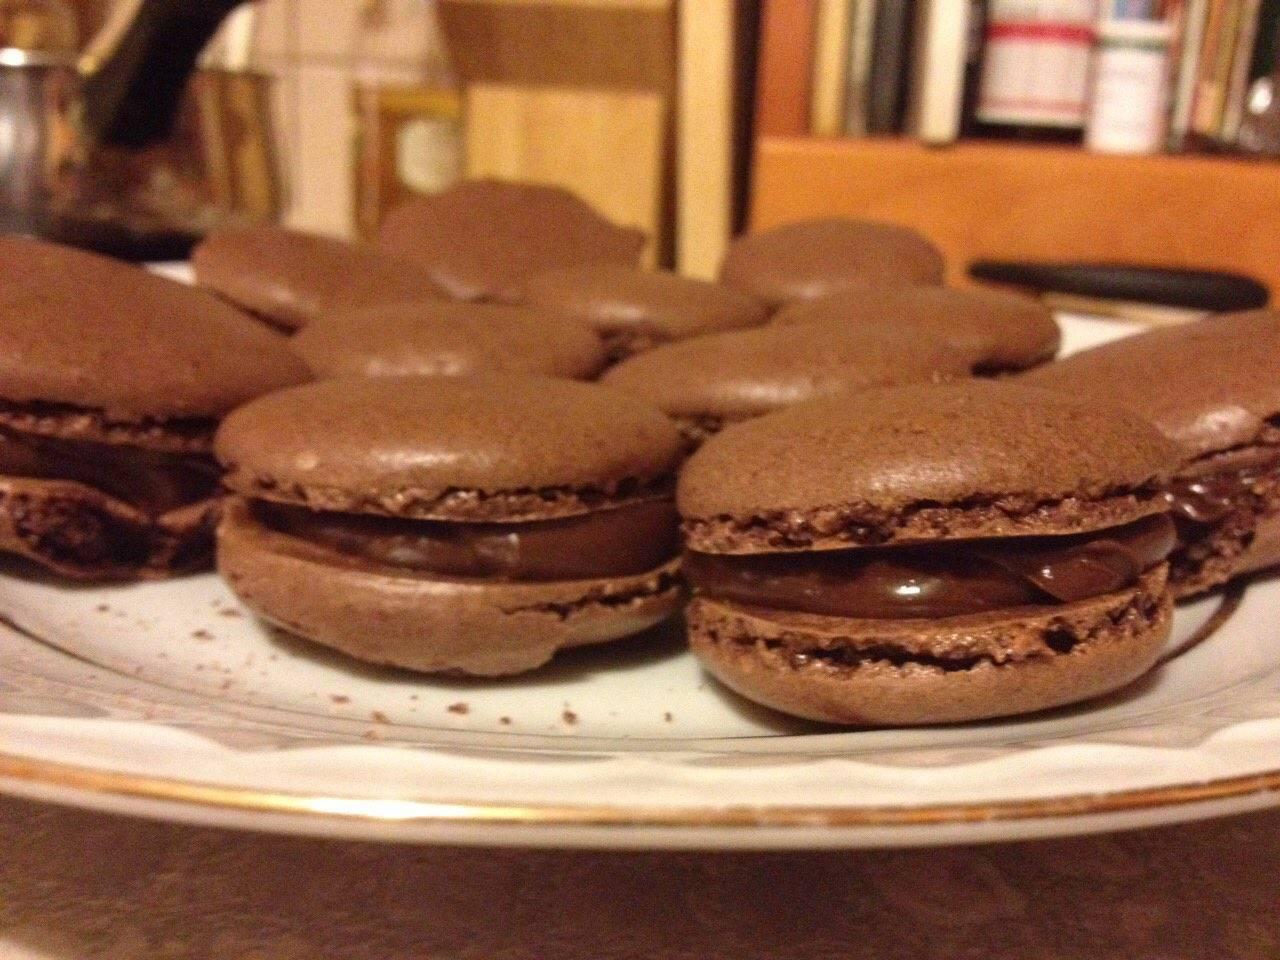 Francia csokoládés macaron főfotó